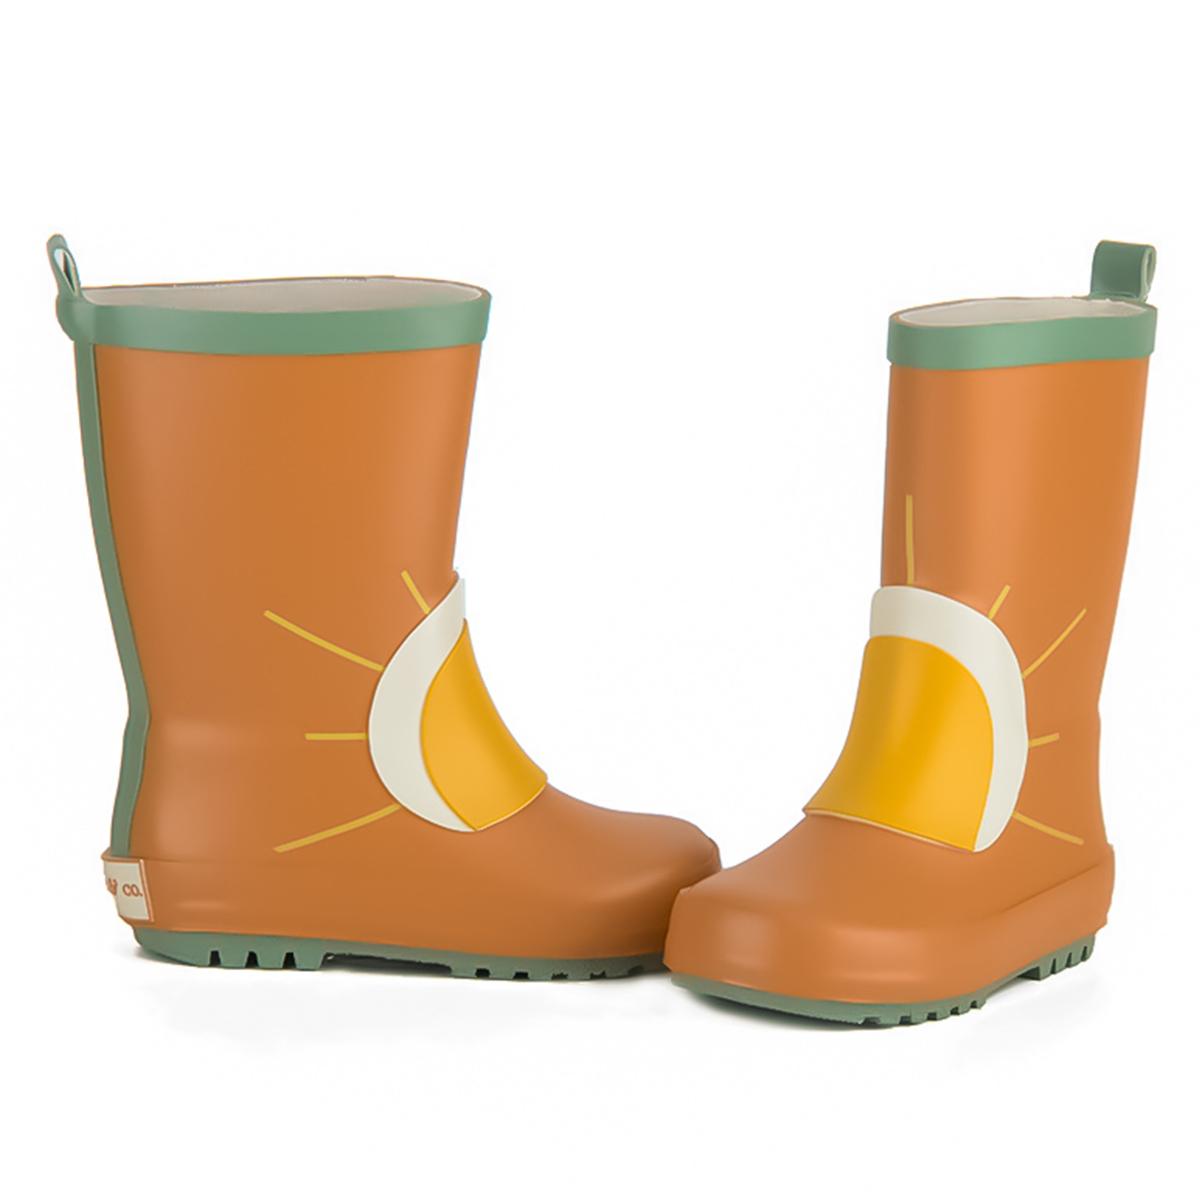 Chaussons & Chaussures Bottes de Pluie Rainbow Spice - 22 Bottes de Pluie Rainbow Spice - 22